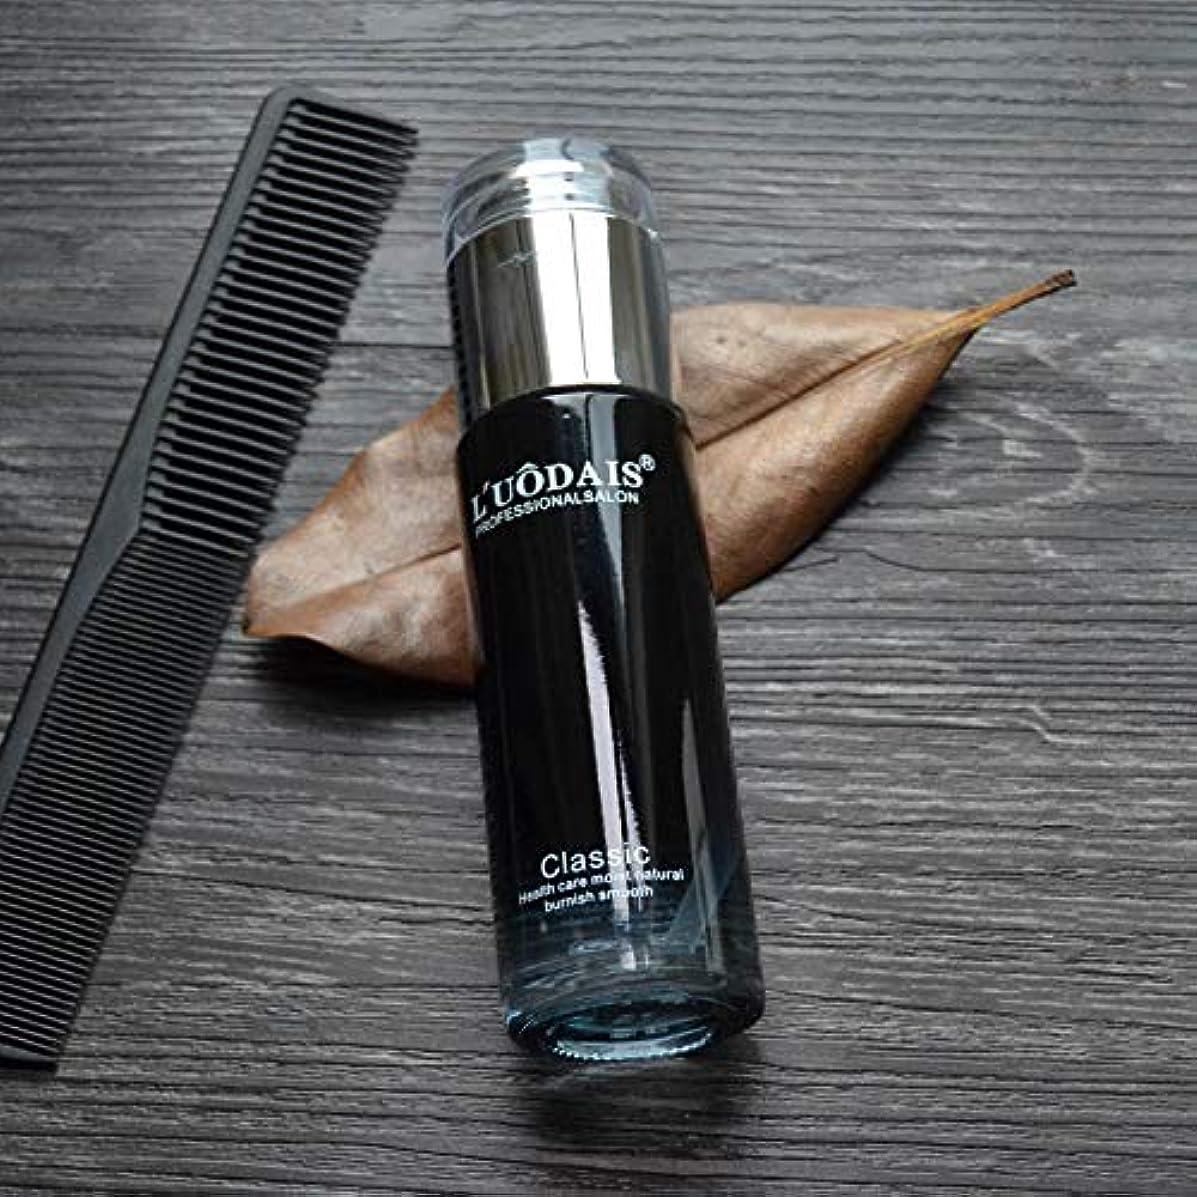 タヒチ粘り強い味方Symboat 香水ヘアケアエッセンスオイル 保湿 ドライダメージヘアトリートメントオイル ヘアケア修復保護 天然オイル